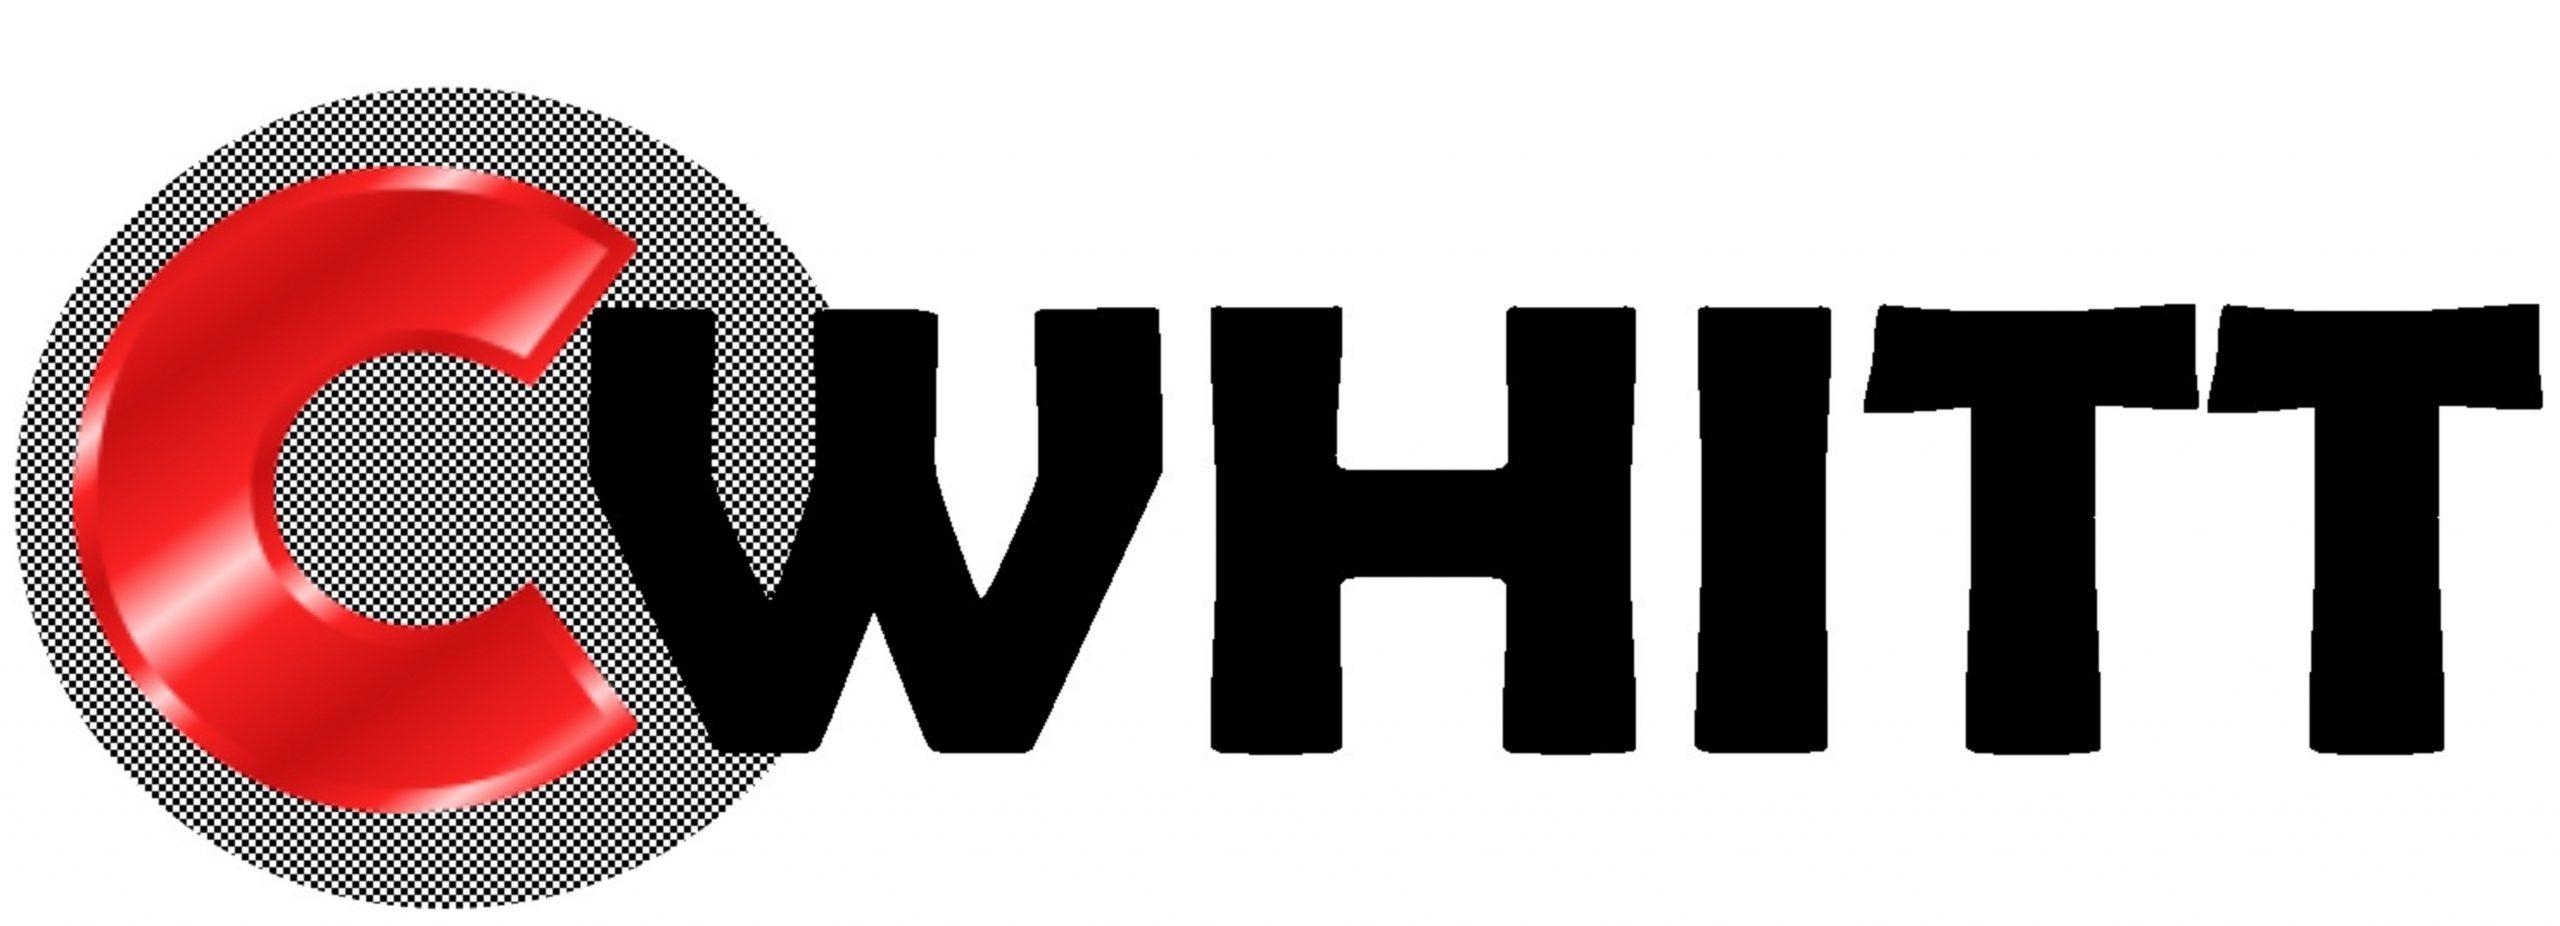 CWHITT